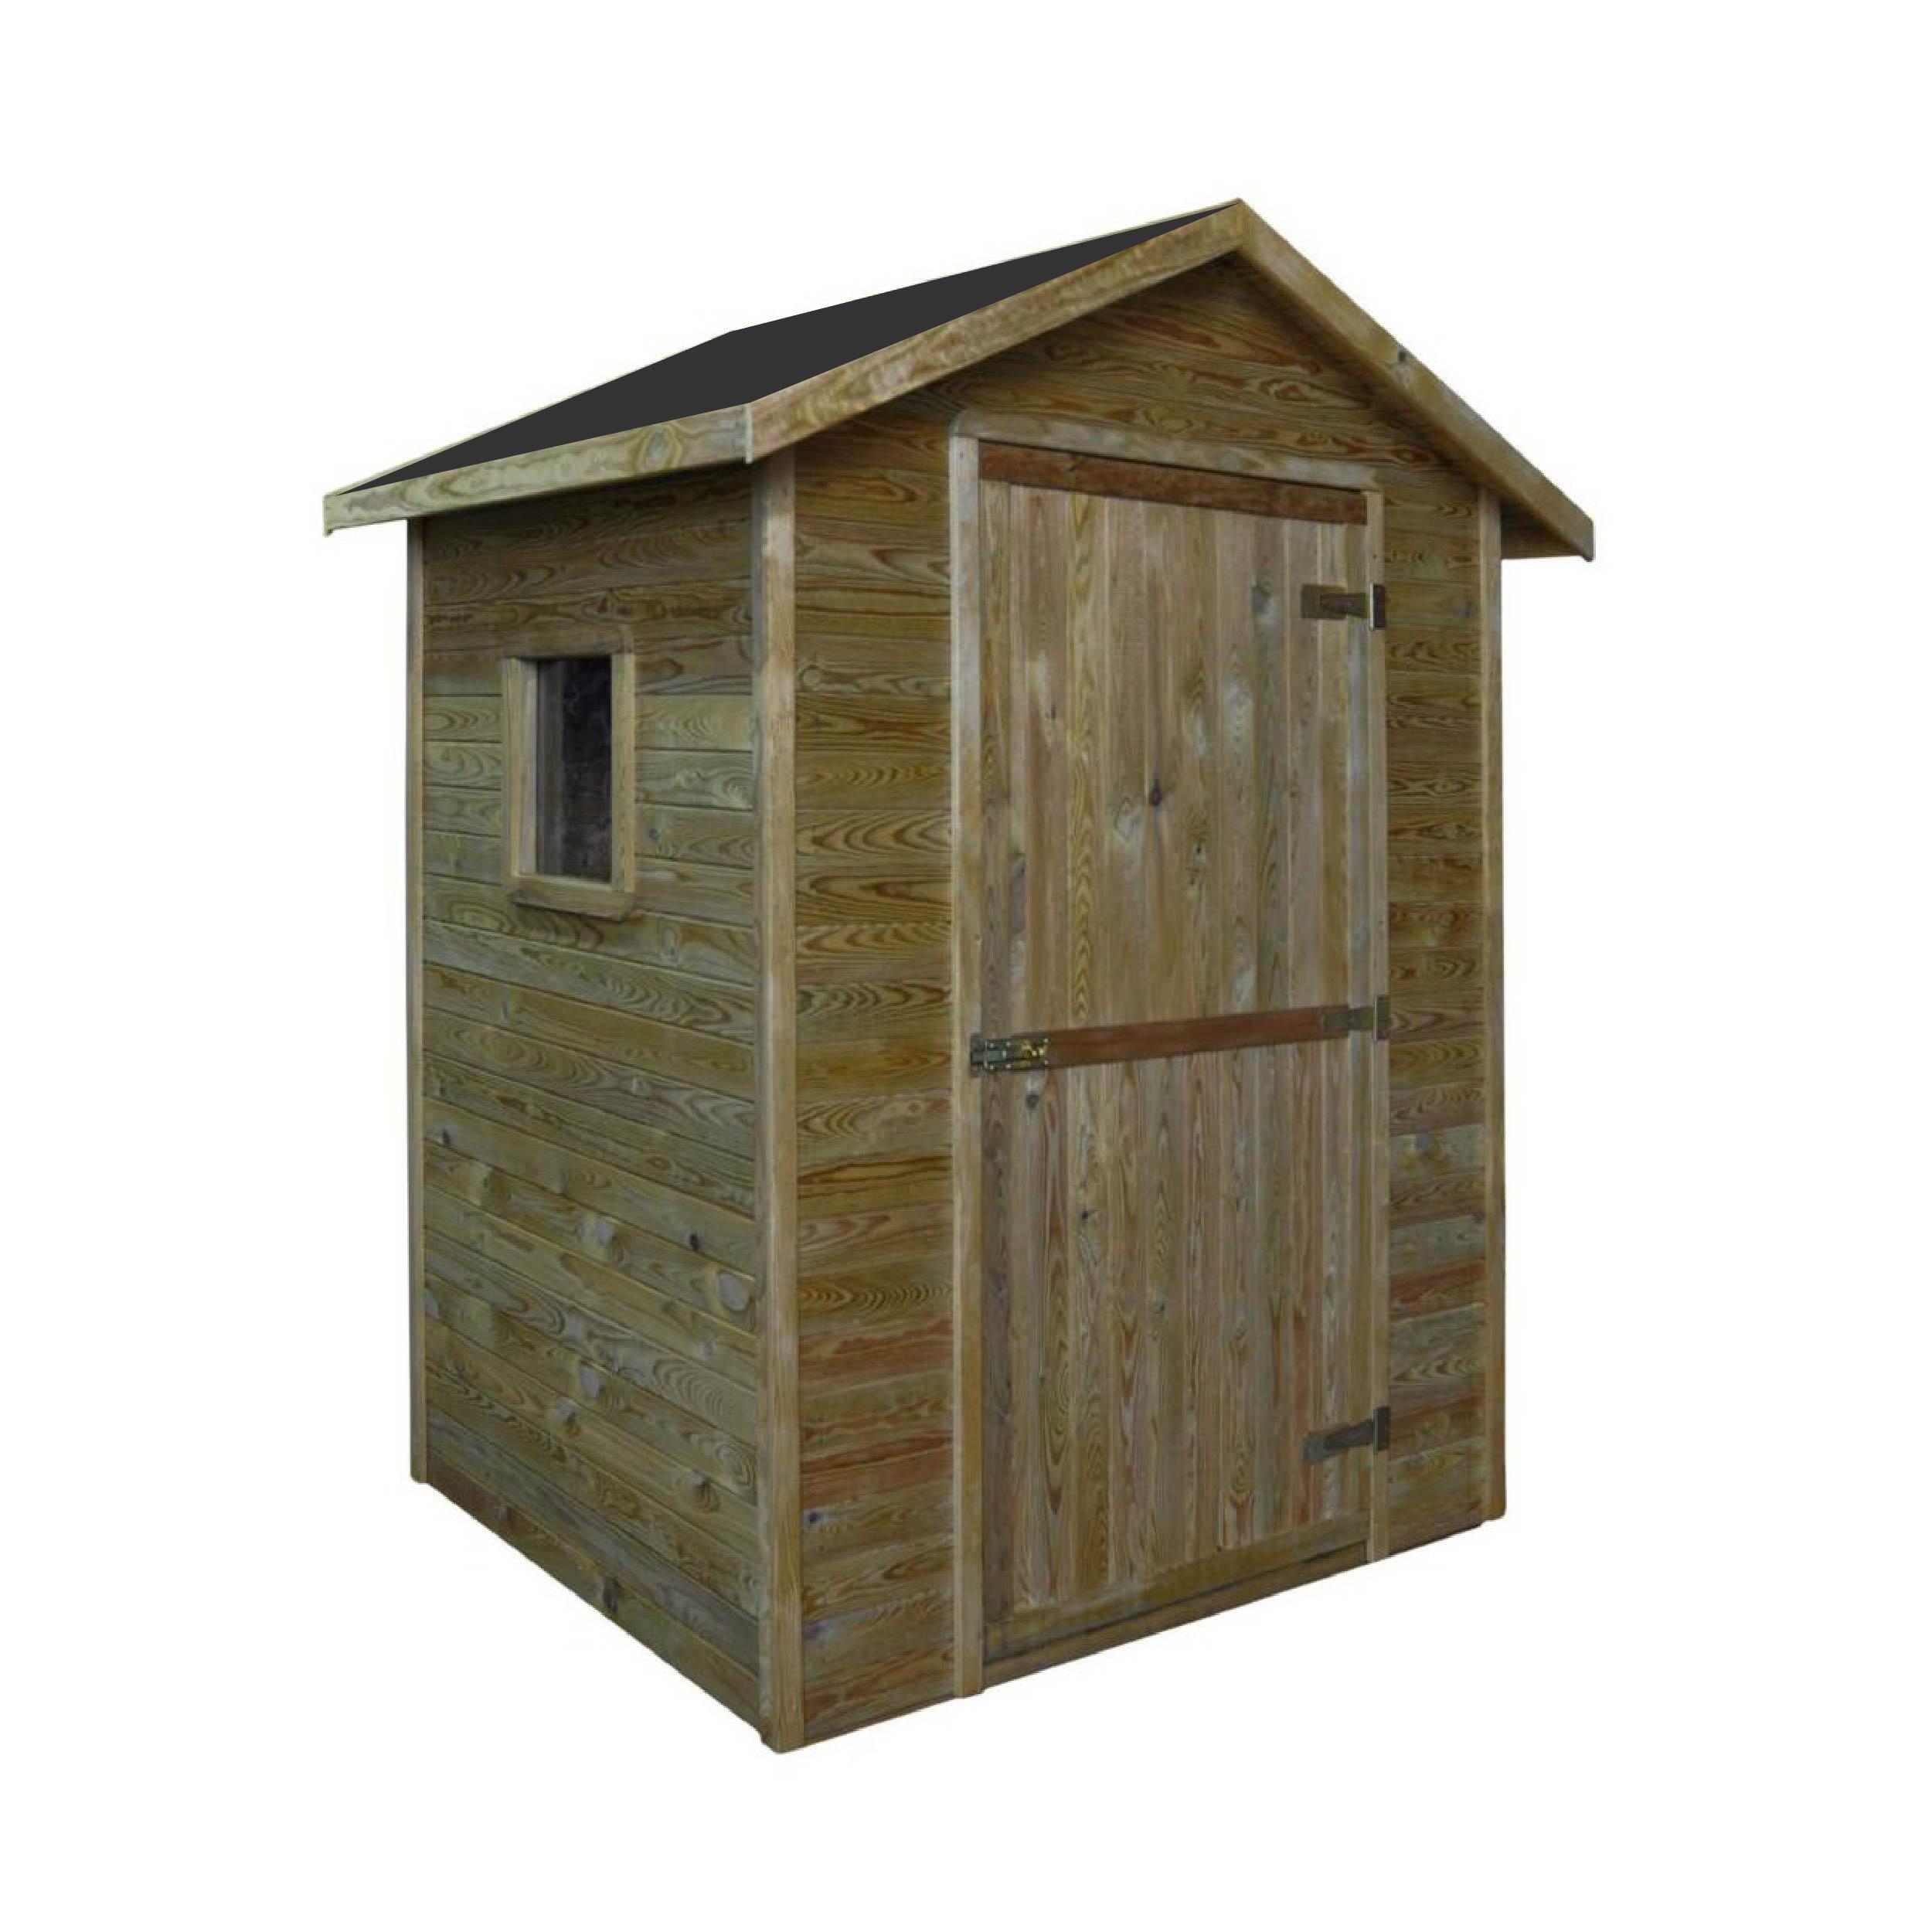 Zahradní dřevěný domek 1,8x1,8m, (12mm) s oknem, MATARO